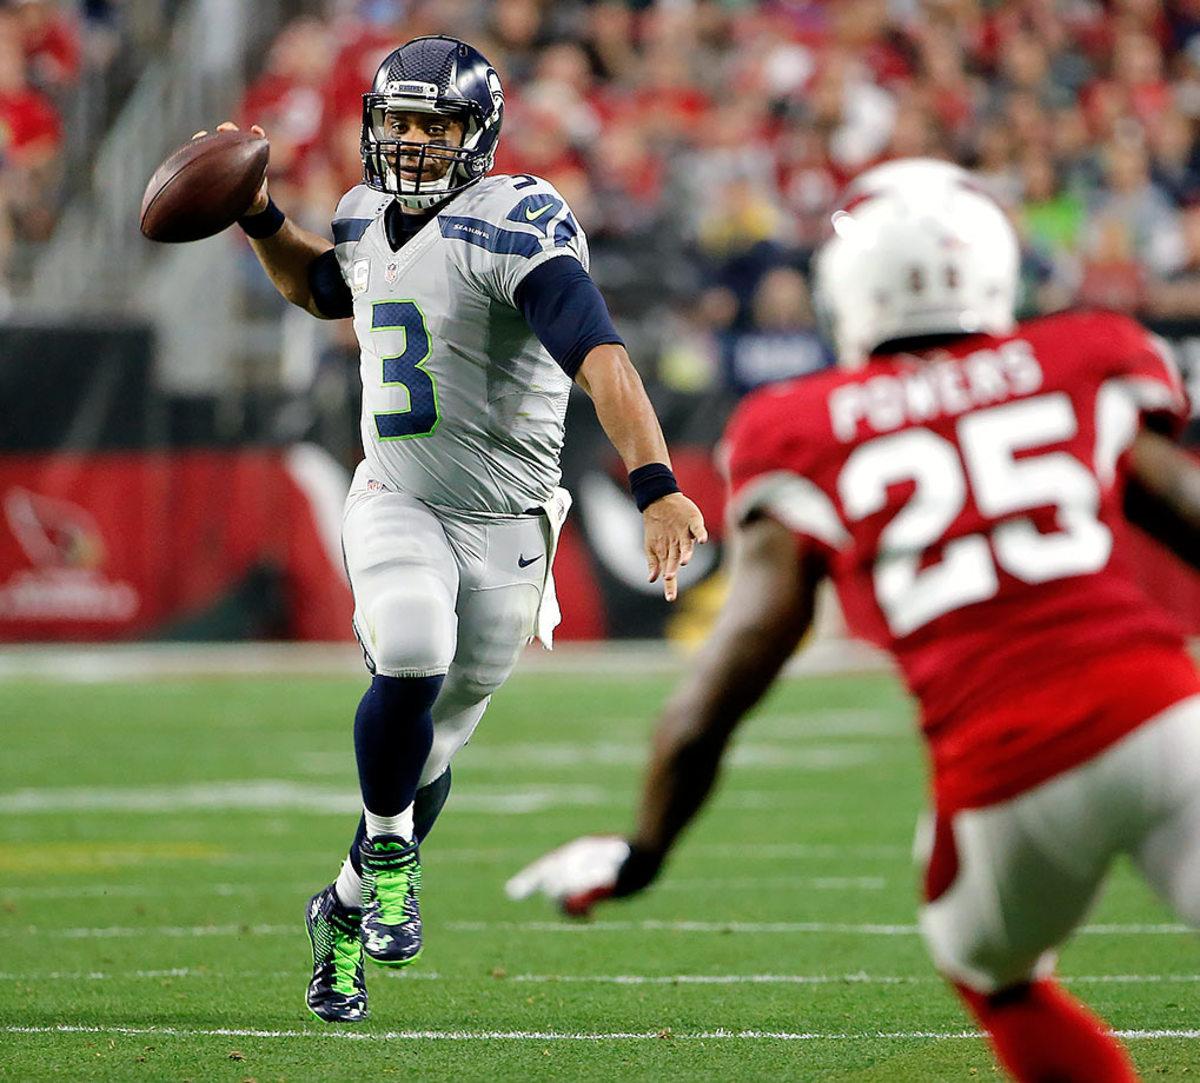 15-NFL-Week-17-Seahawks-Cardinals-Russell-Wilson.jpg